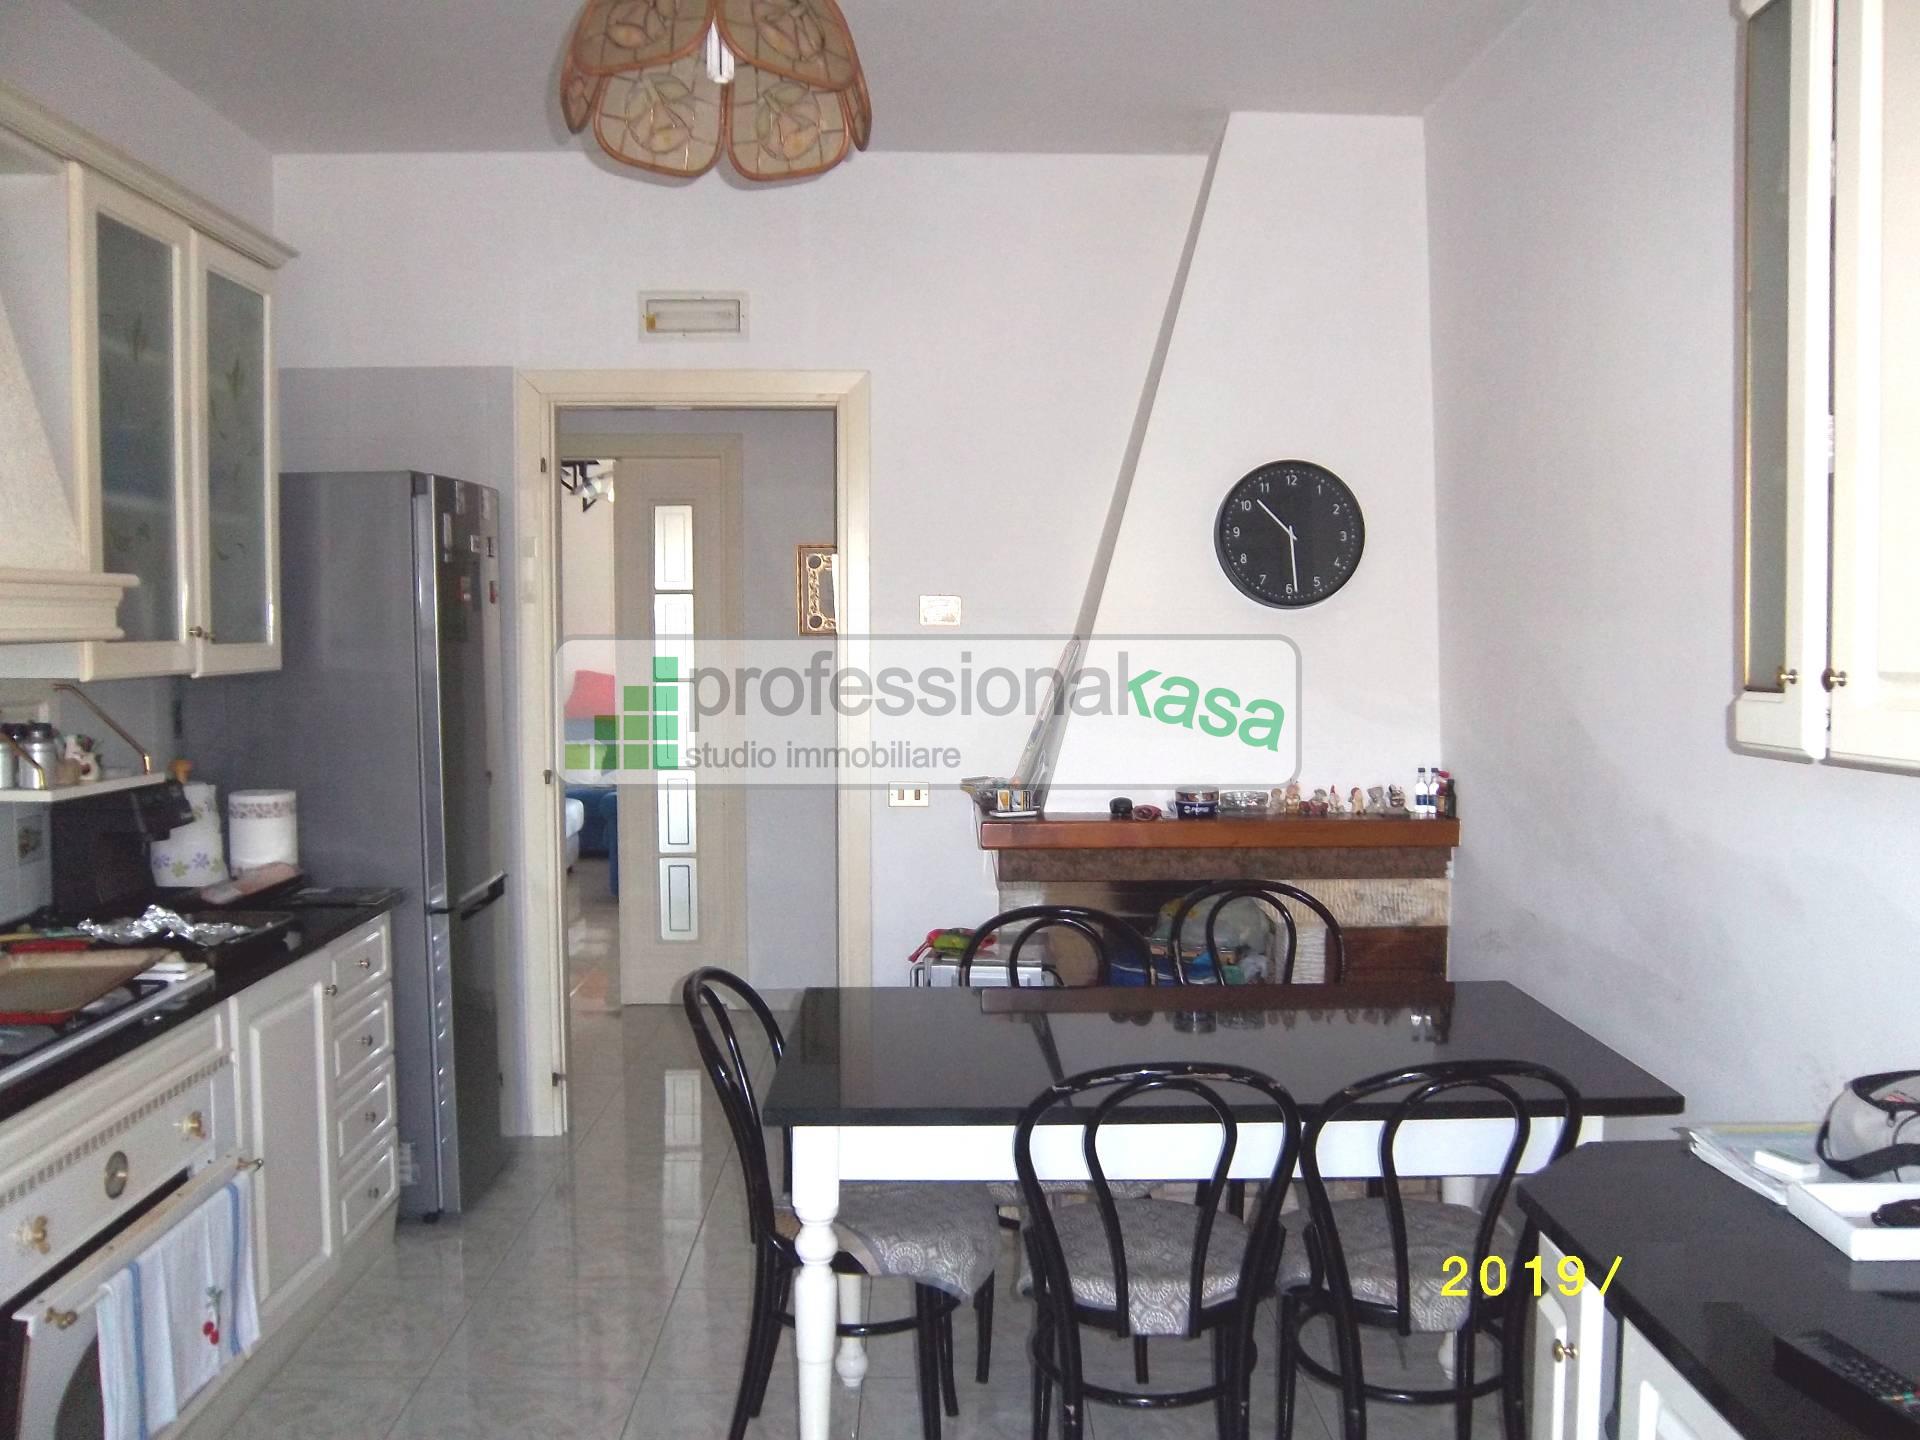 Appartamento in vendita a Vasto, 8 locali, zona Località: 4CentraleCommerciale, prezzo € 200.000 | PortaleAgenzieImmobiliari.it